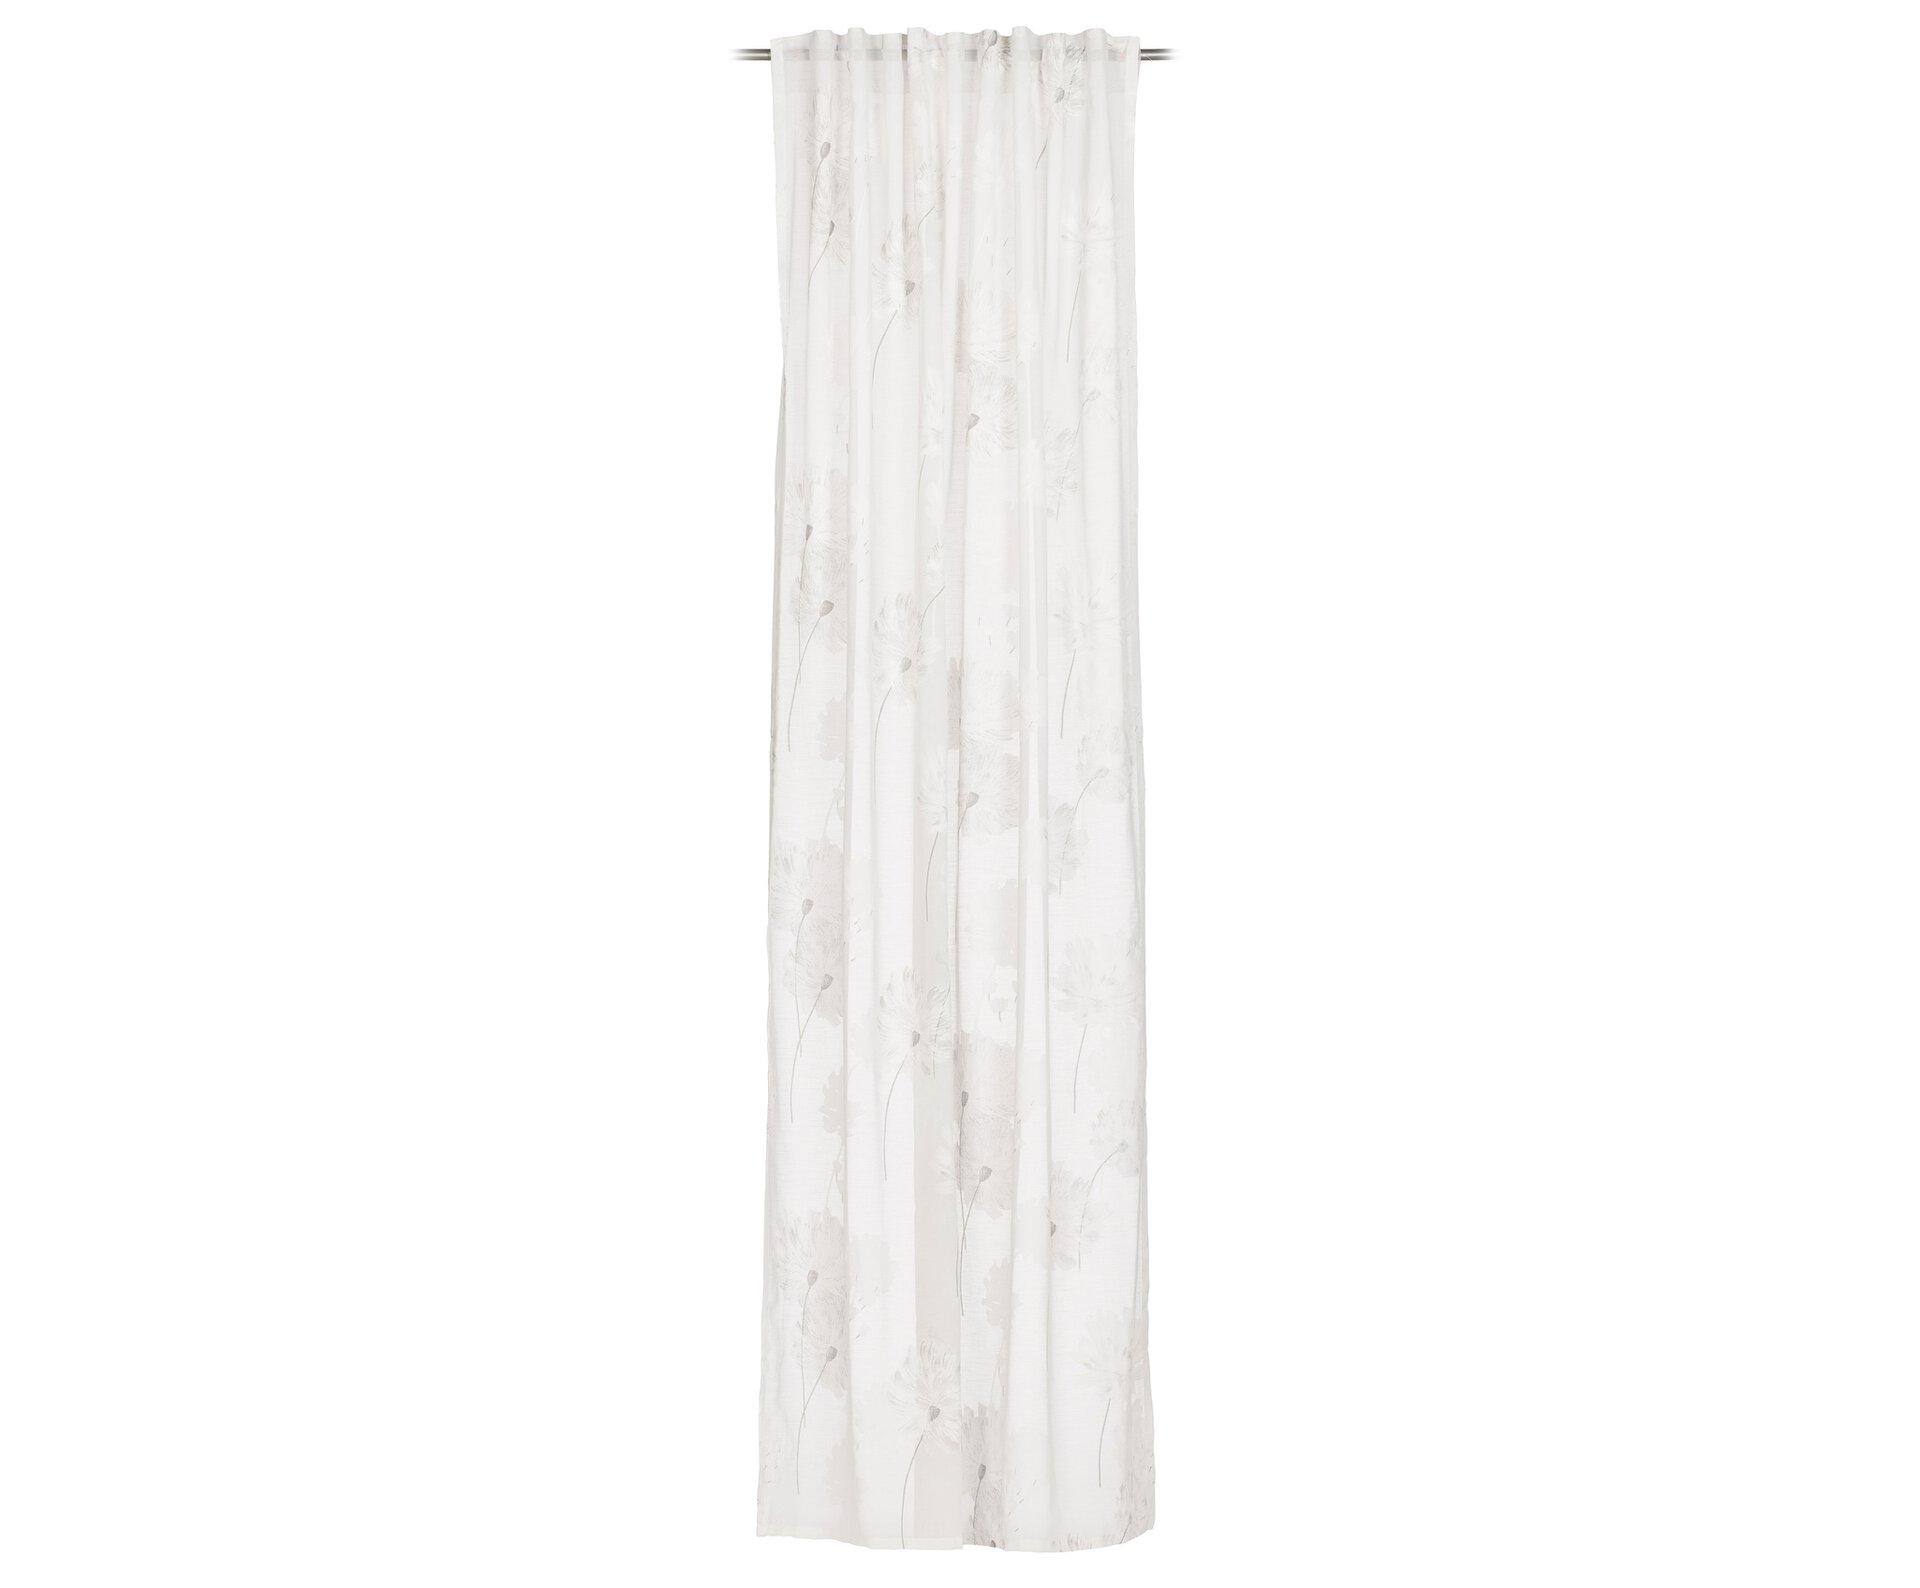 Schlaufenschal Ria legère Ambiente Trendlife Textil weiß 140 x 255 cm